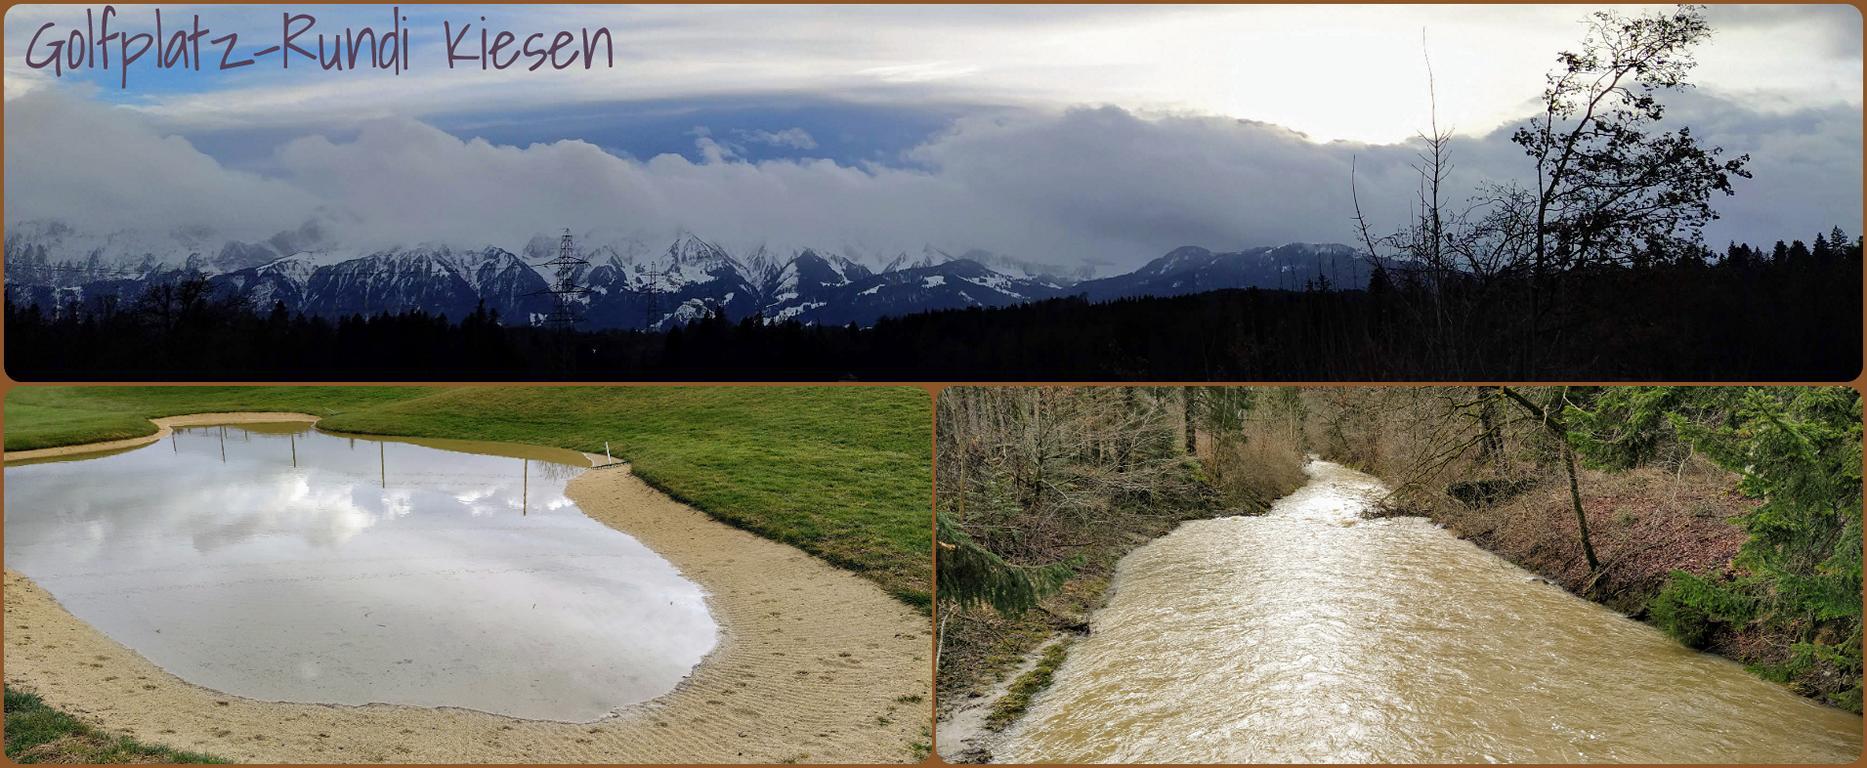 Golfplatz-Rundi-Kiesen